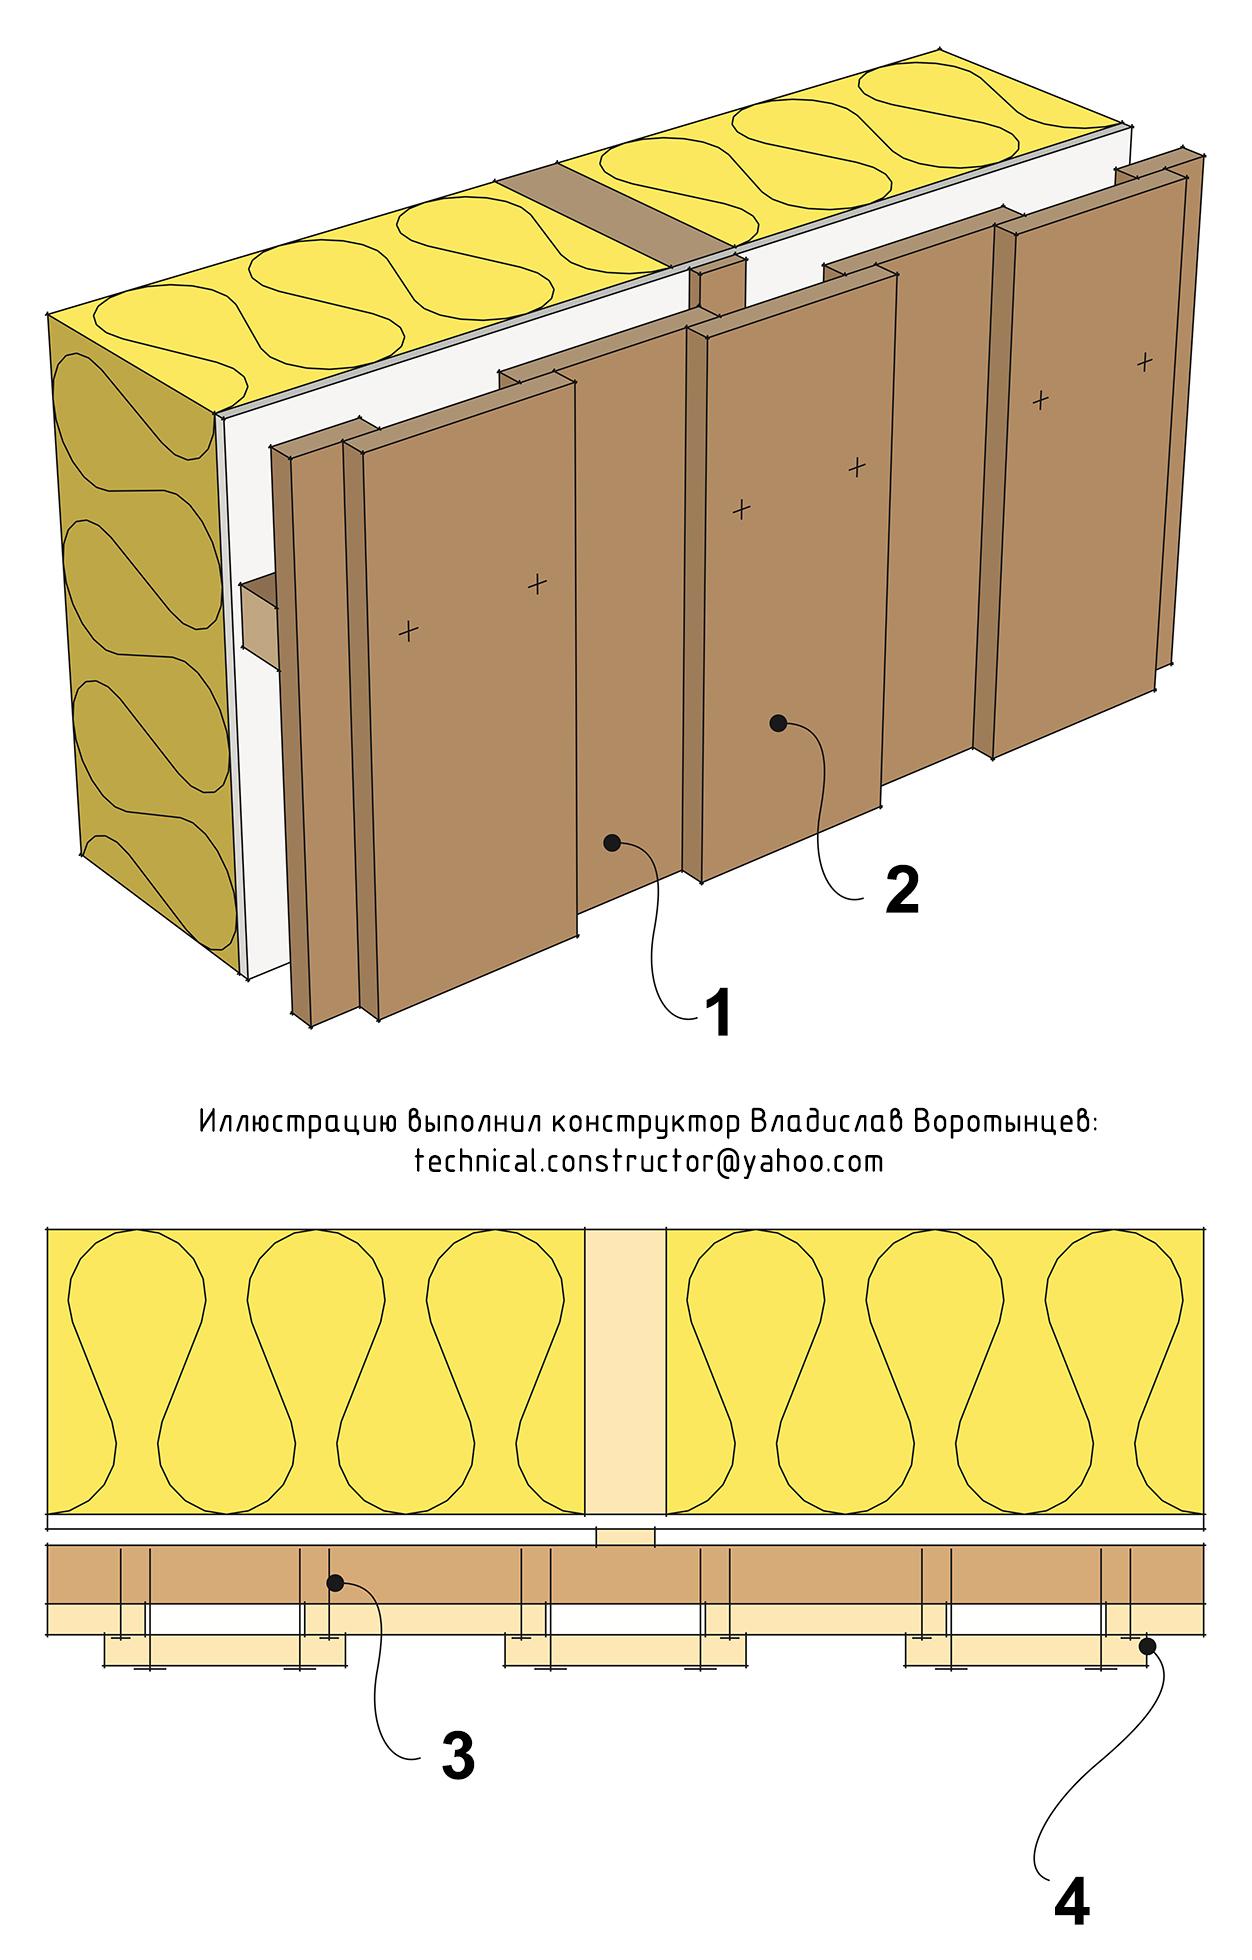 Монтаж вертикальной наружной обшивки из досок прямоугольного сечения